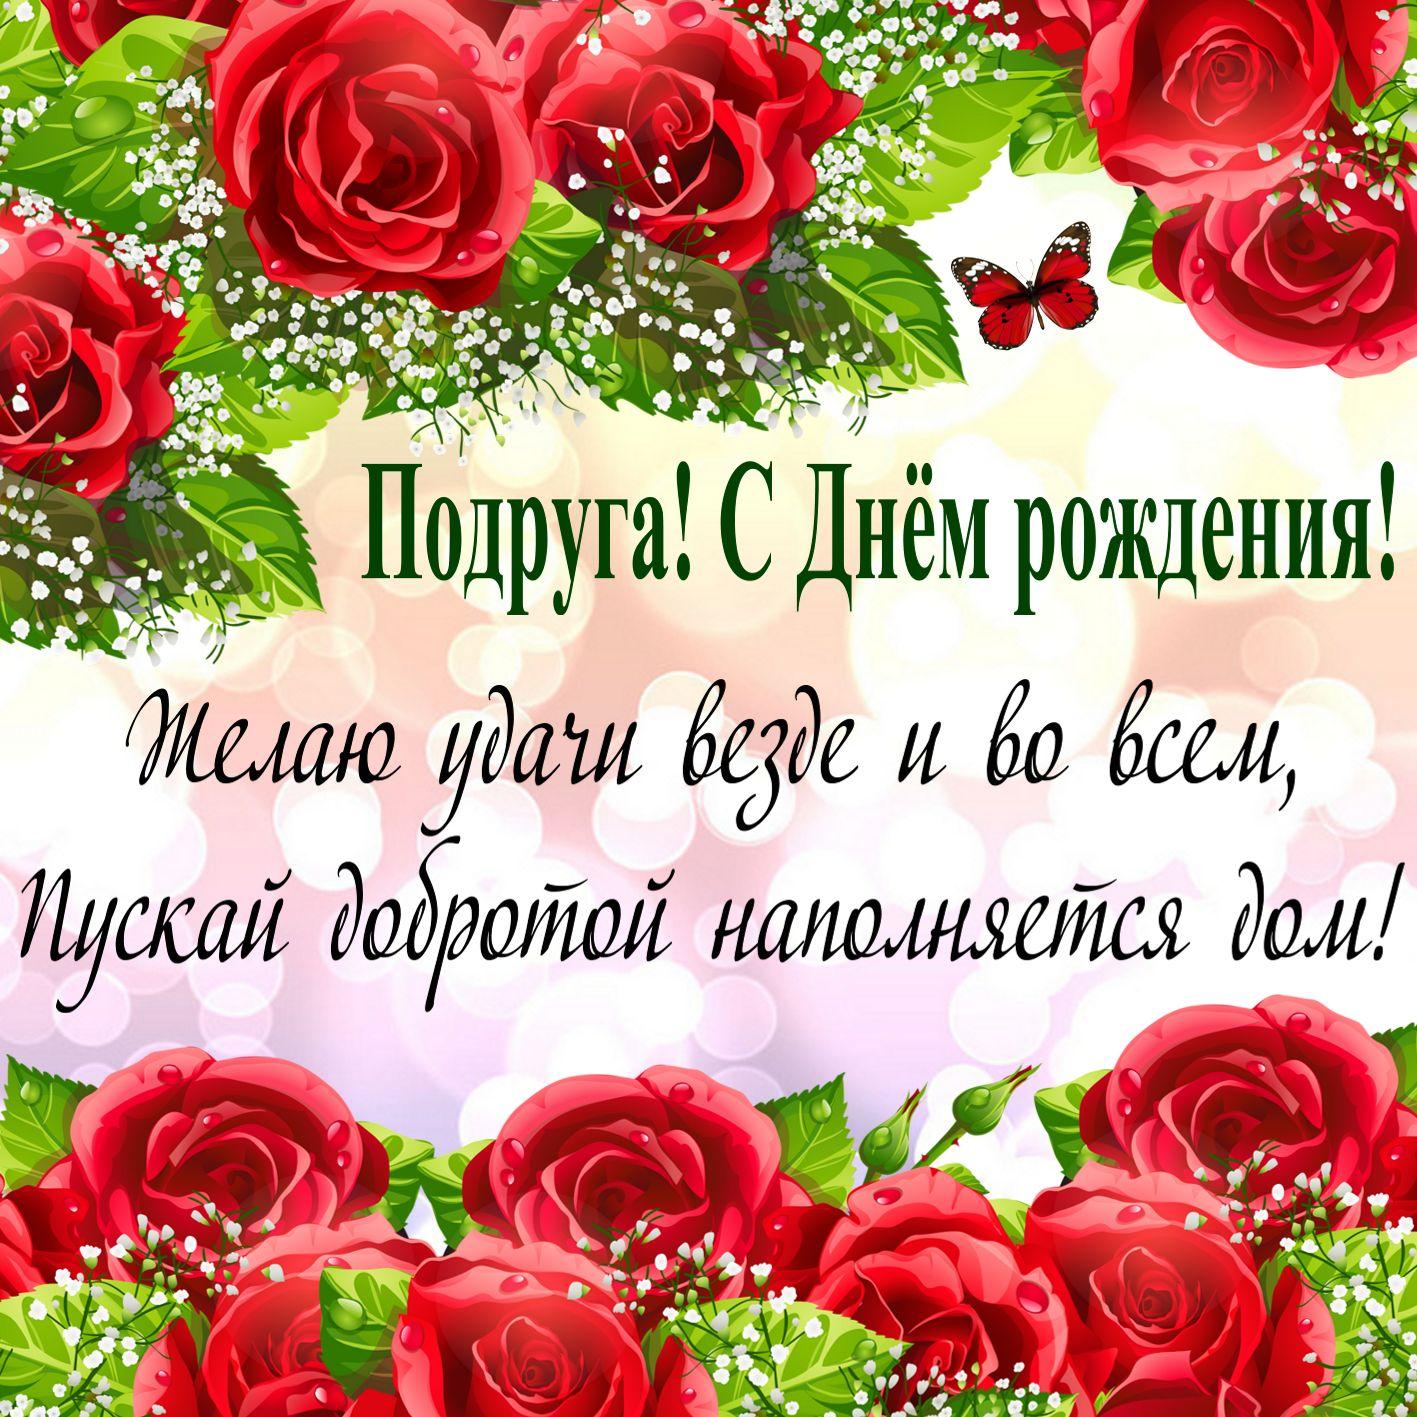 Поздравления днем рождения подруге желаю